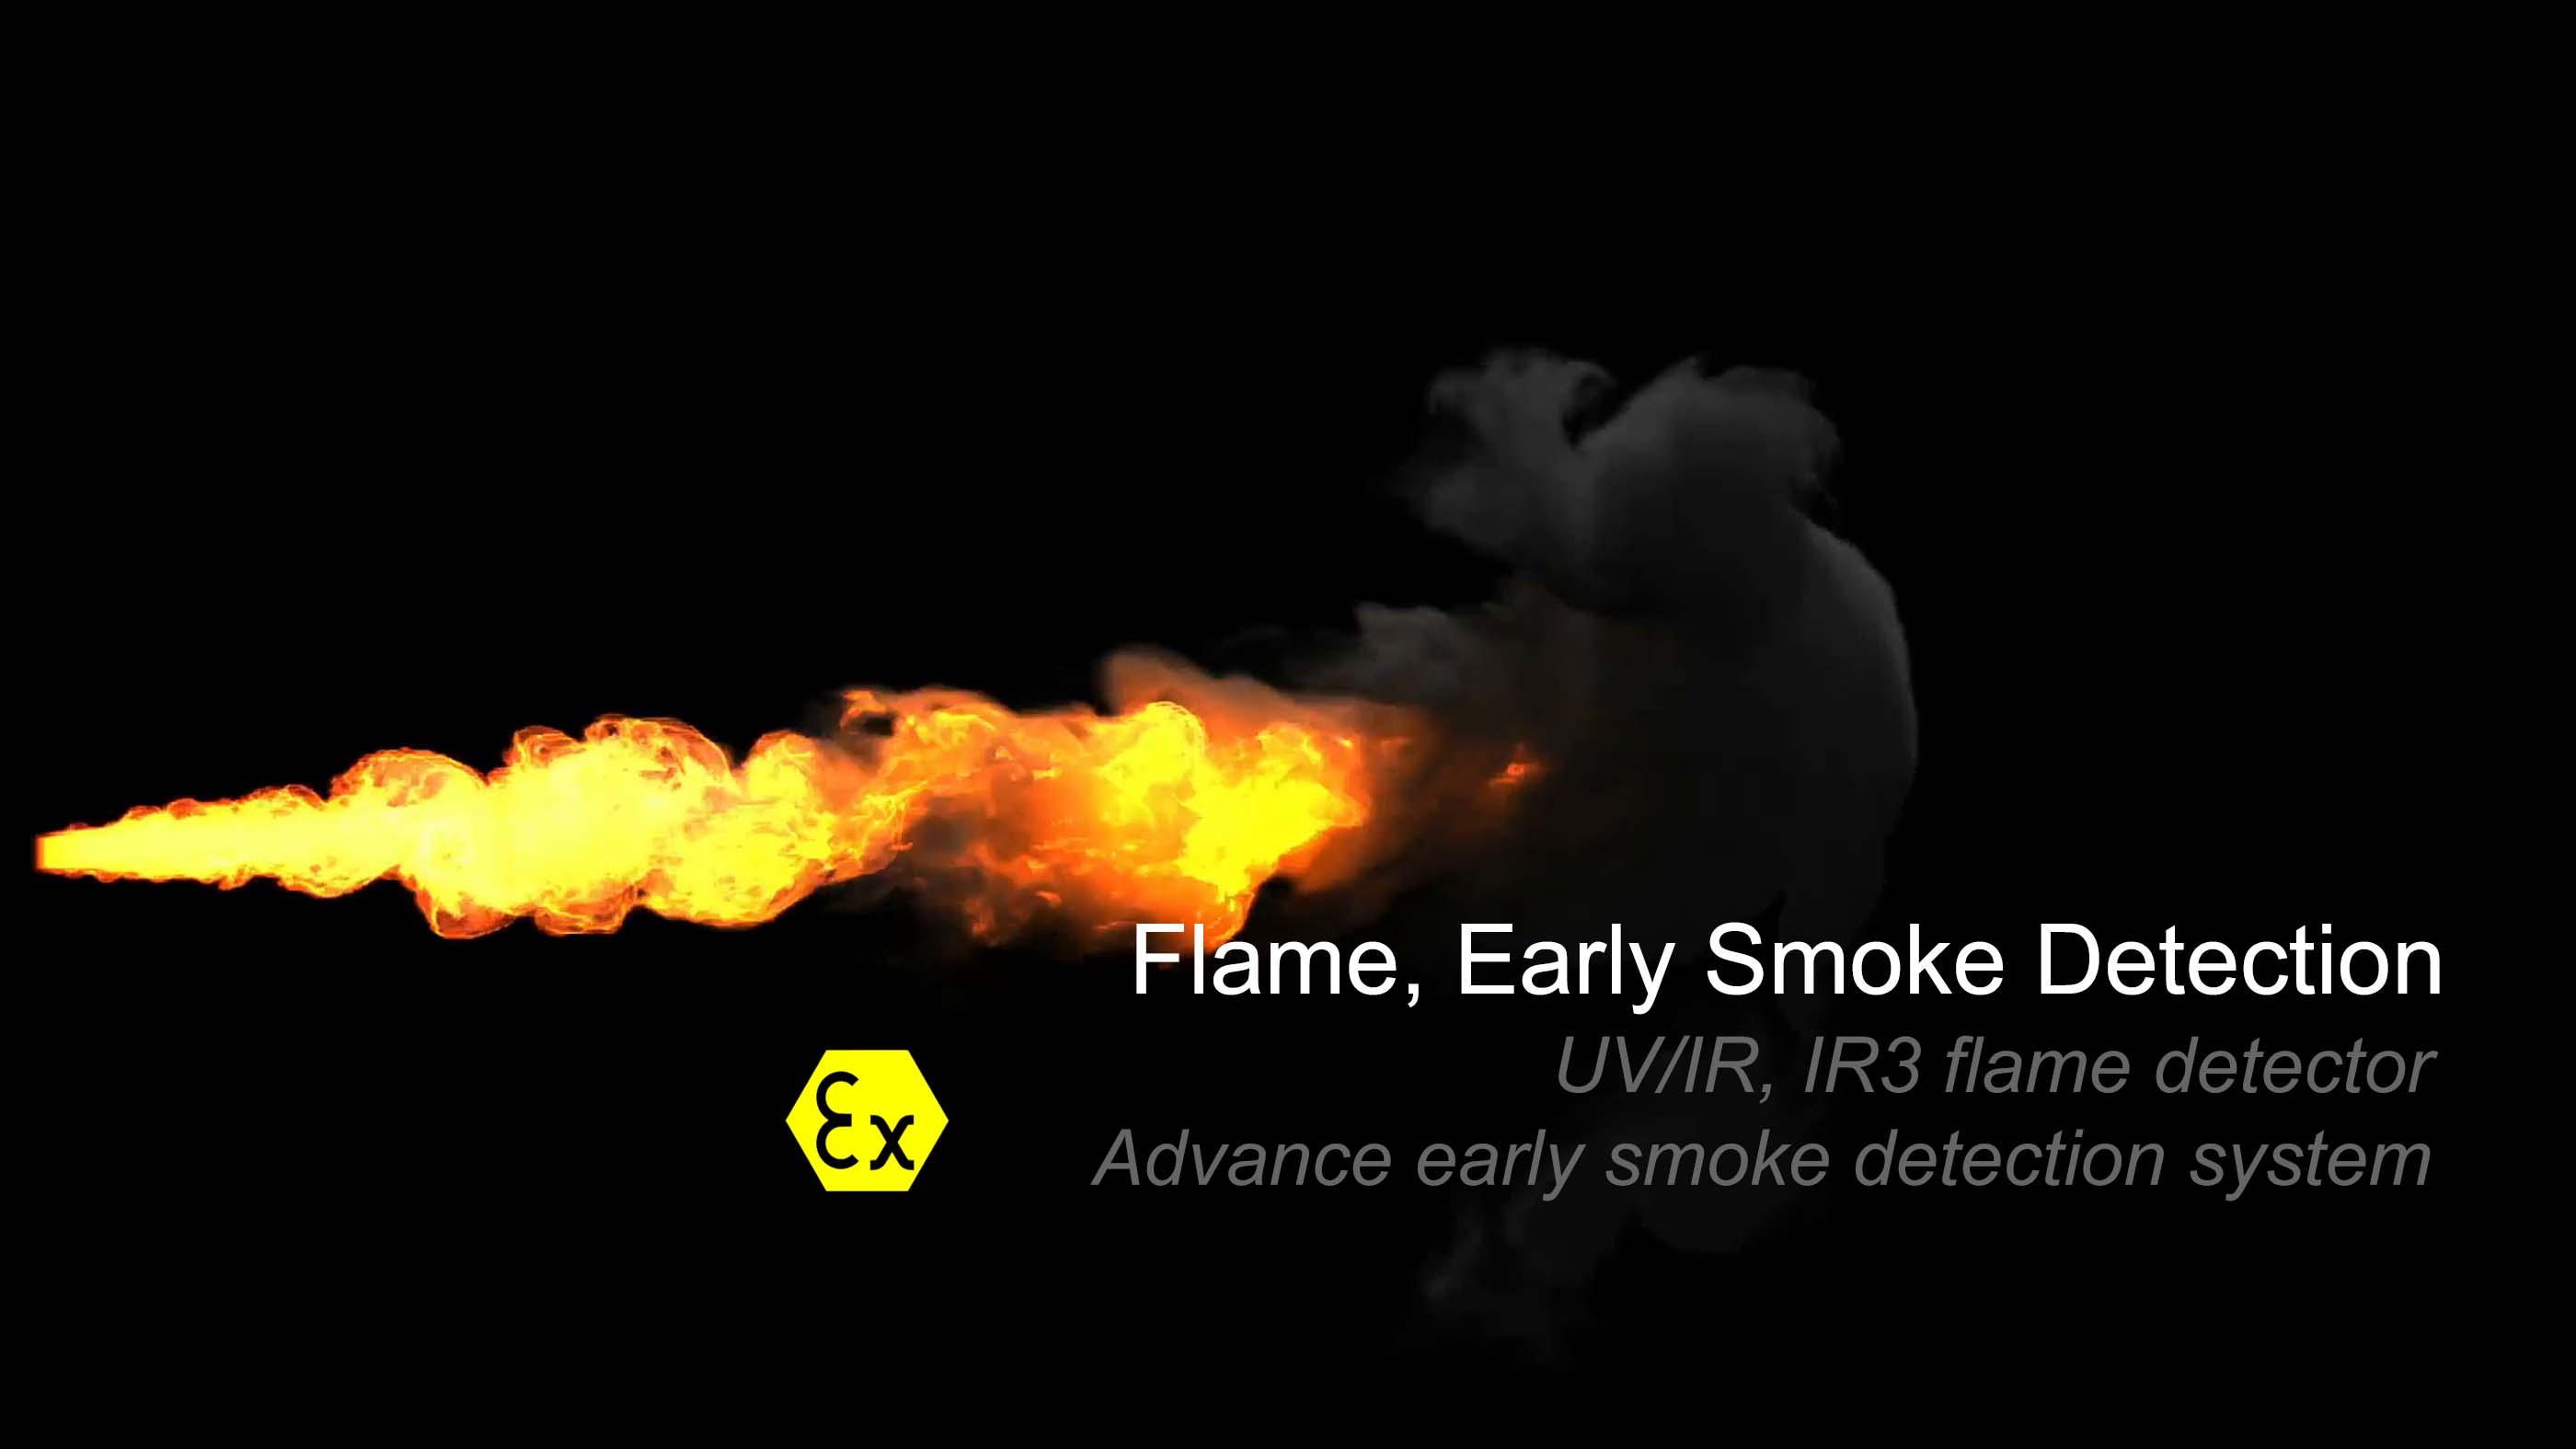 EK-Engg-homepage-flame-smoke-detector